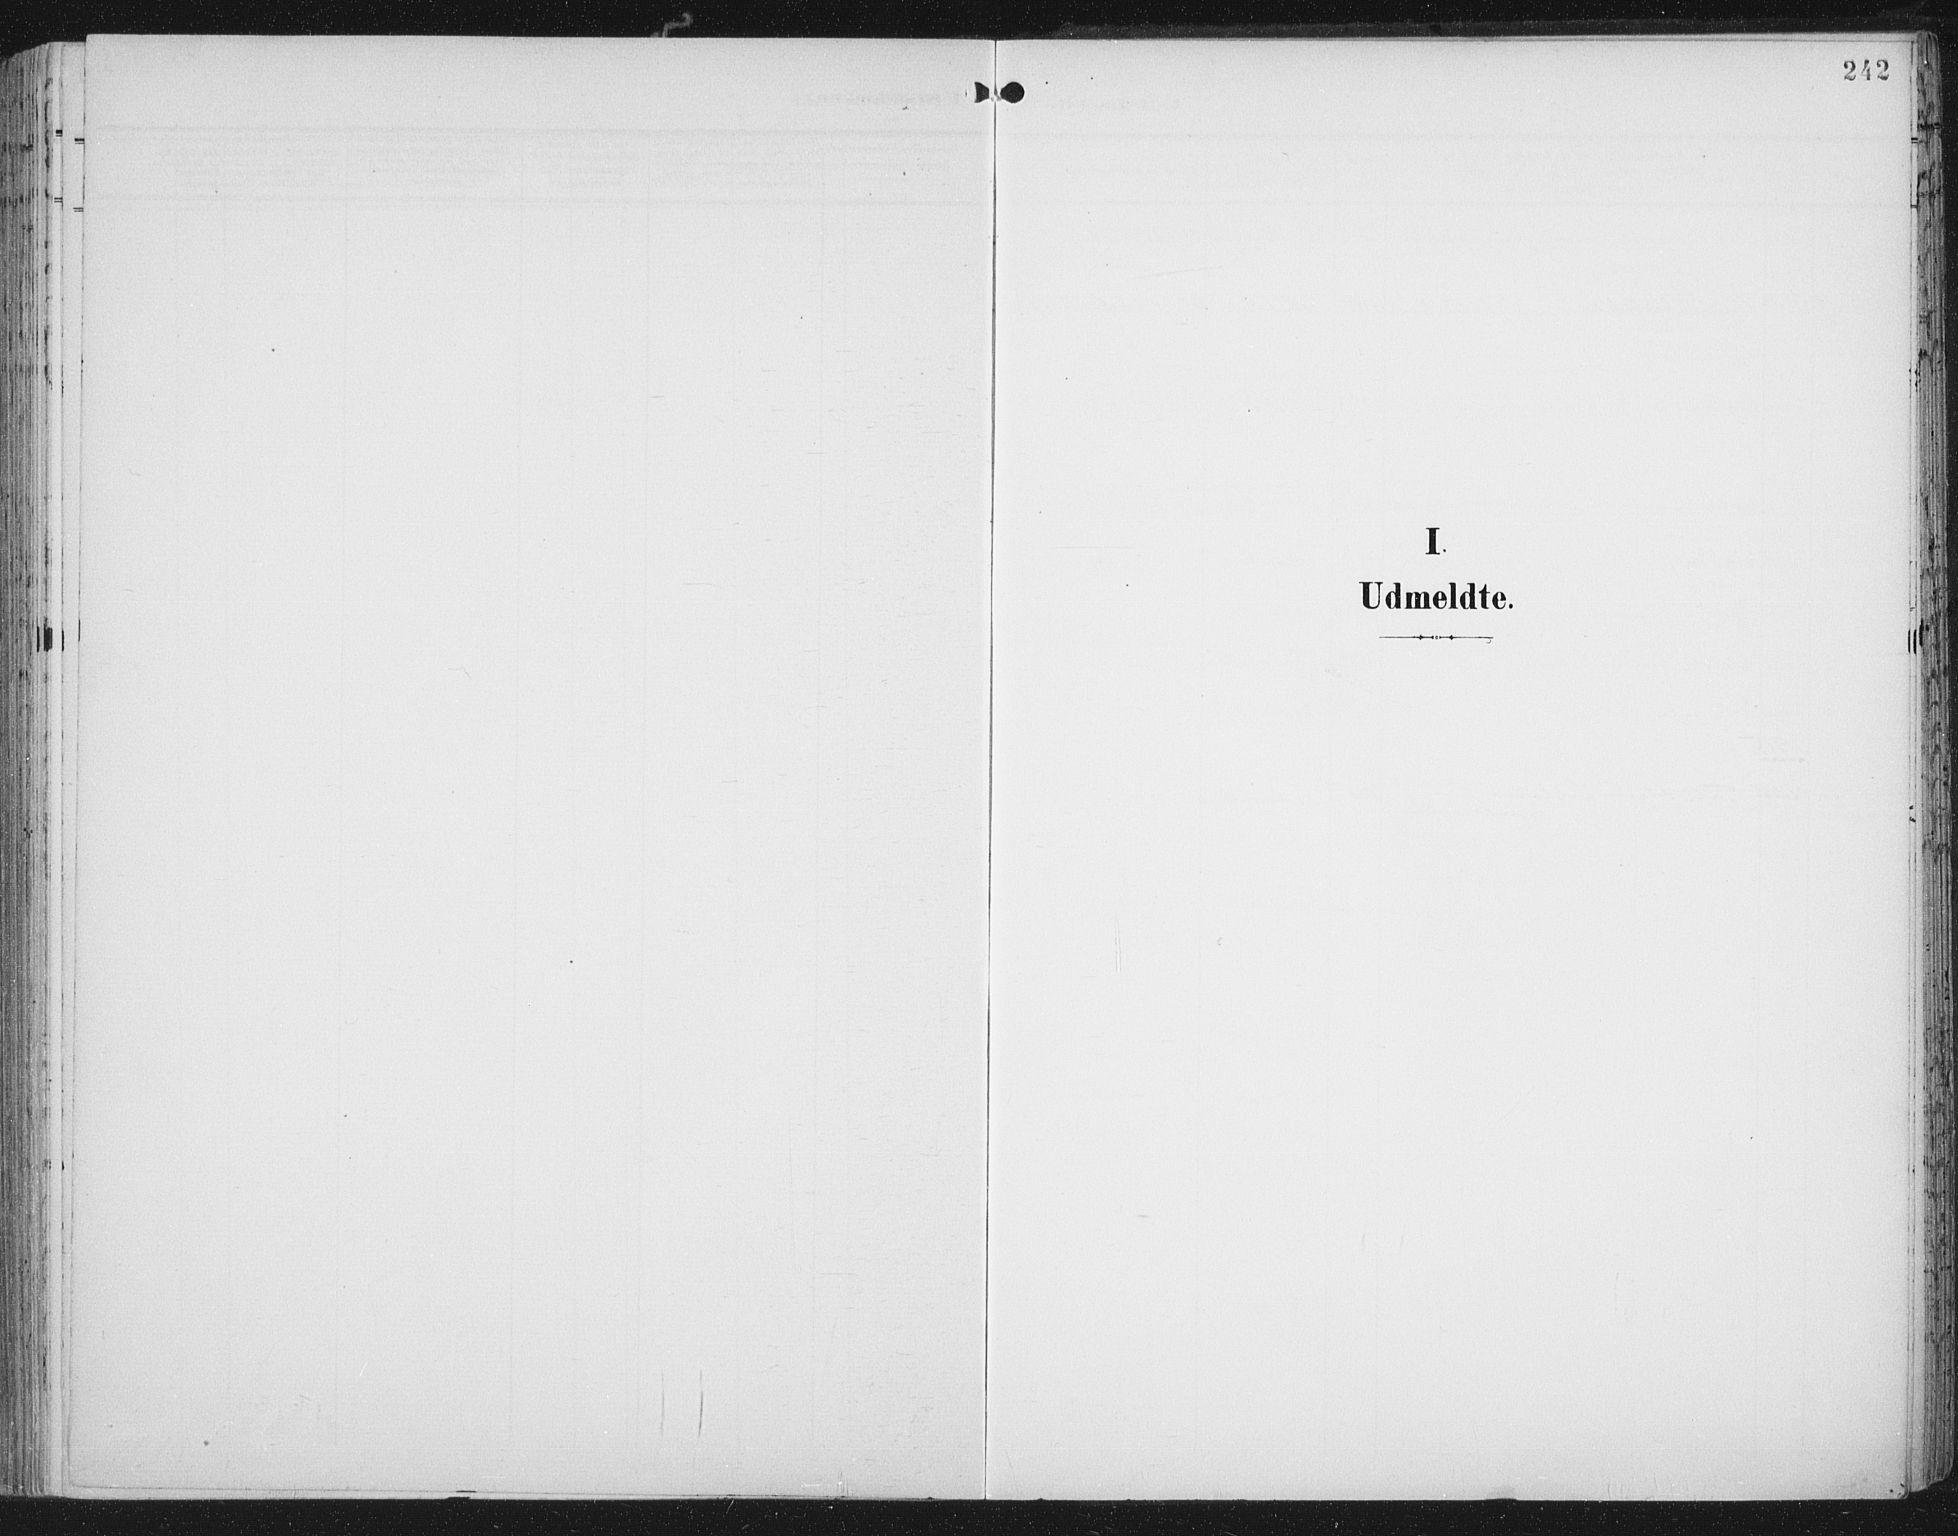 SAT, Ministerialprotokoller, klokkerbøker og fødselsregistre - Nord-Trøndelag, 701/L0011: Parish register (official) no. 701A11, 1899-1915, p. 242